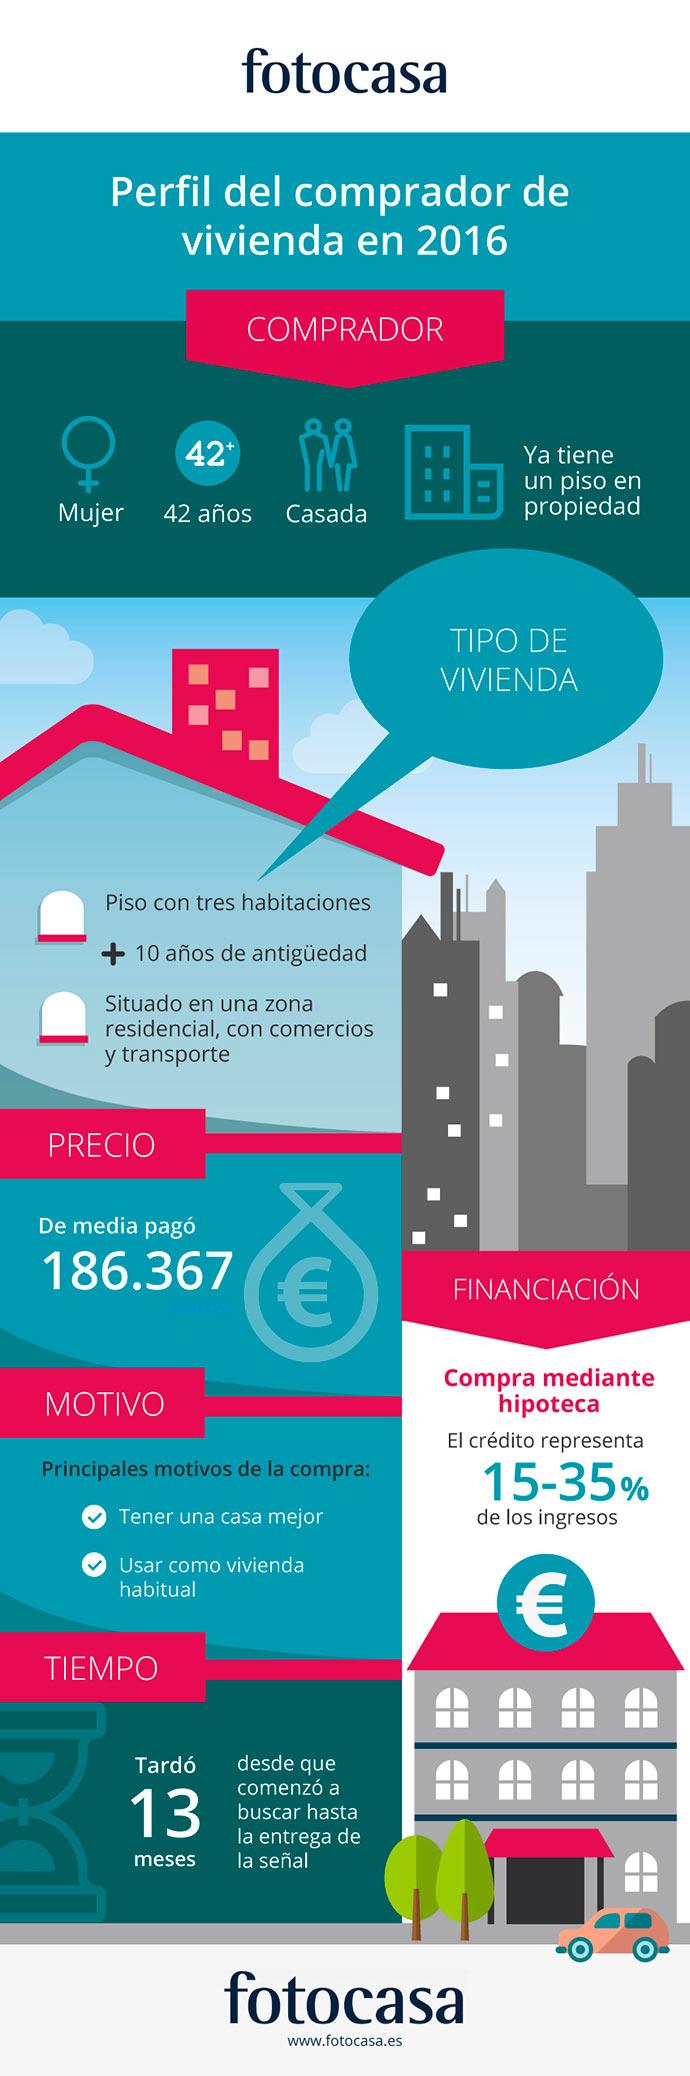 perfil del comprador de vivienda